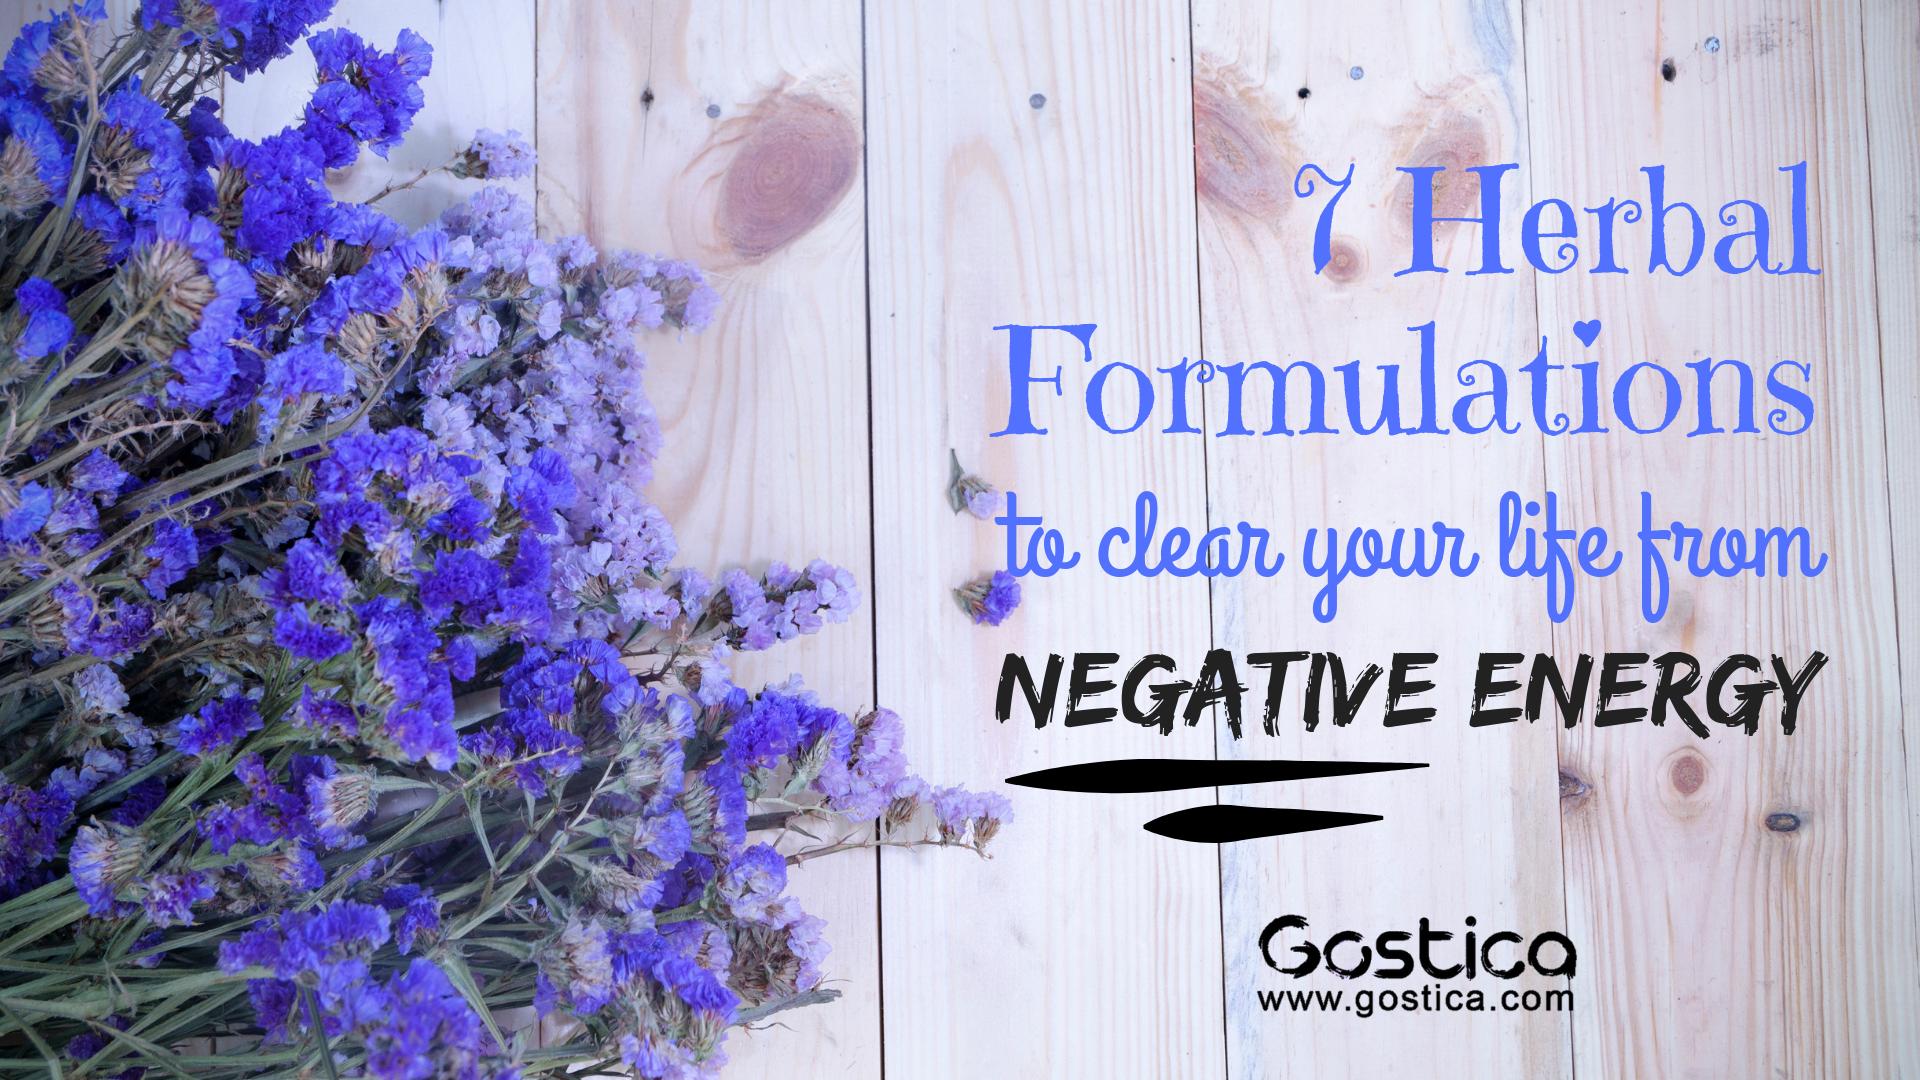 herbal, negative energy, herbs